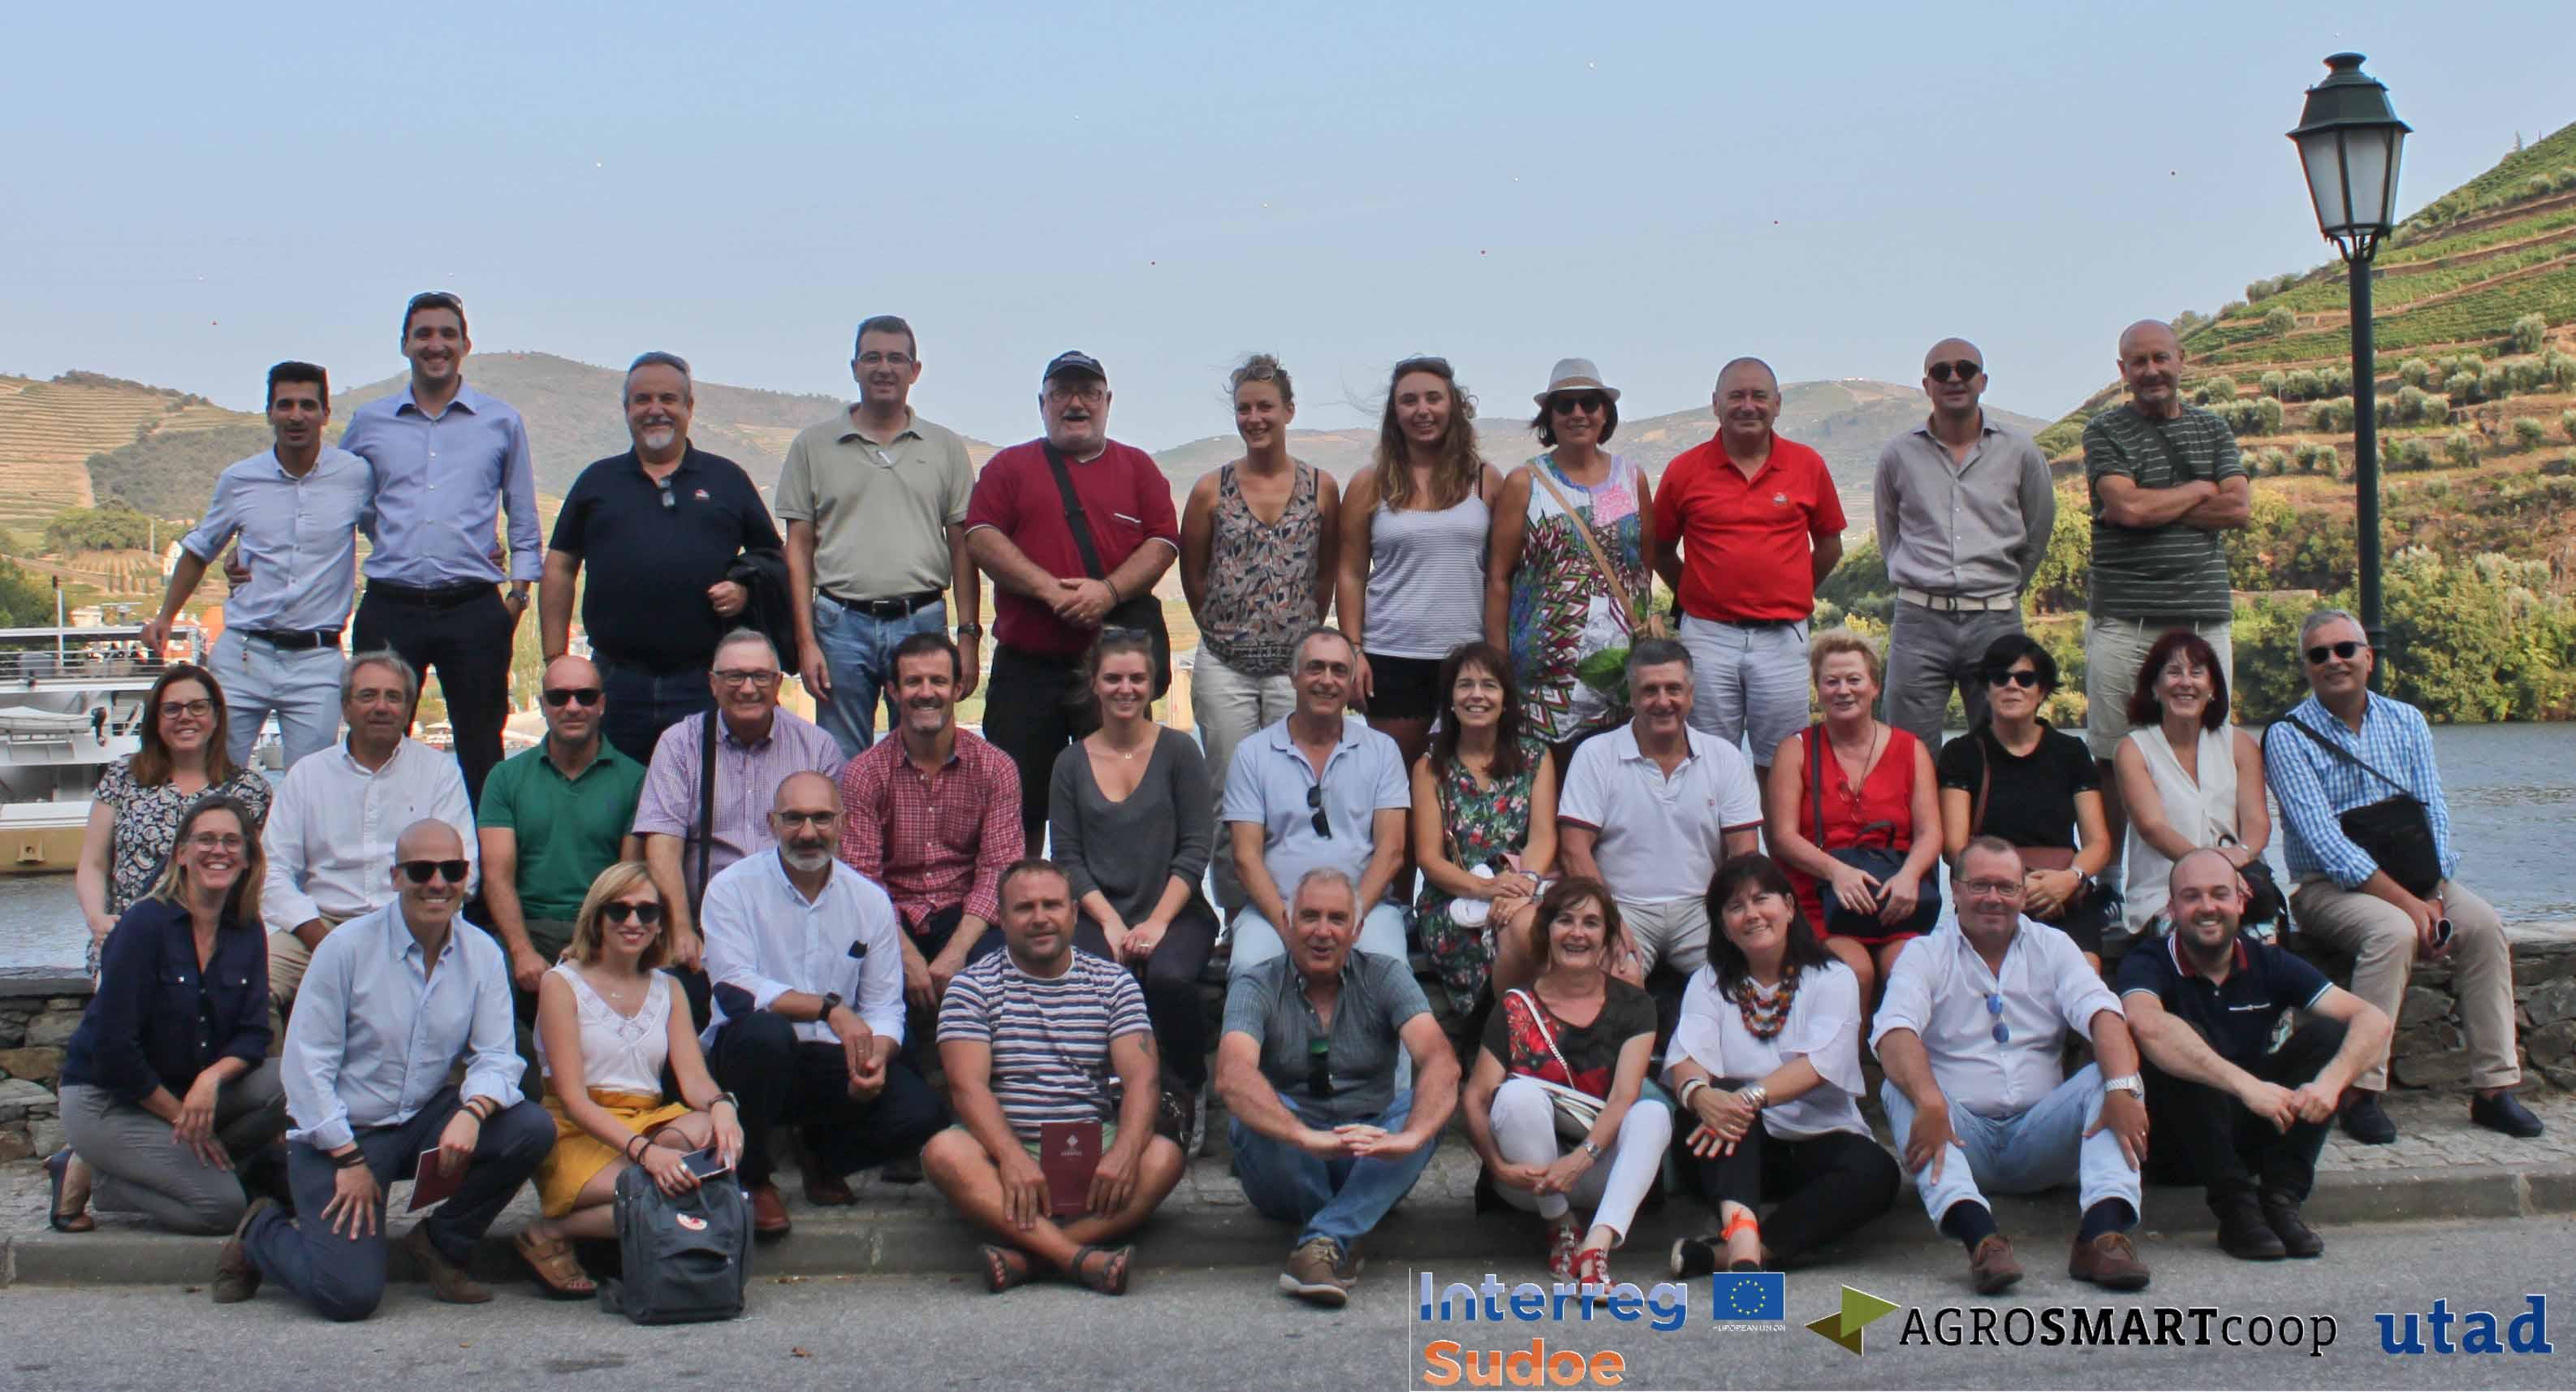 Cooperativas de Galicia, Castilla-La Mancha, Extremadura, País Vasco, Portugal y Francia se reúnen en la AgroSemana 2018 en Portugal